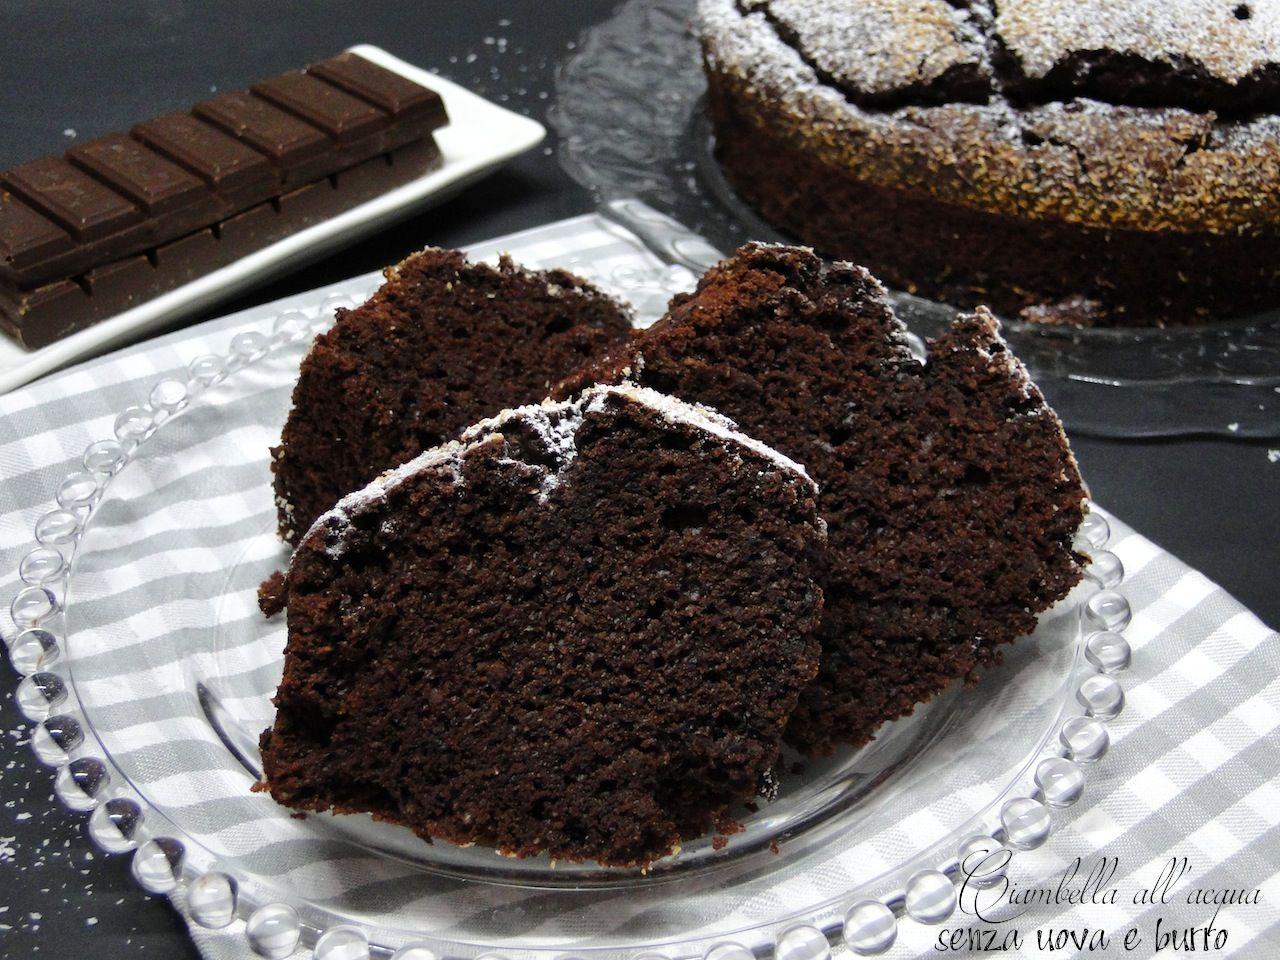 Torta Acqua E Cioccolato.Ciambella All Acqua Senza Uova Latte E Burro Senza